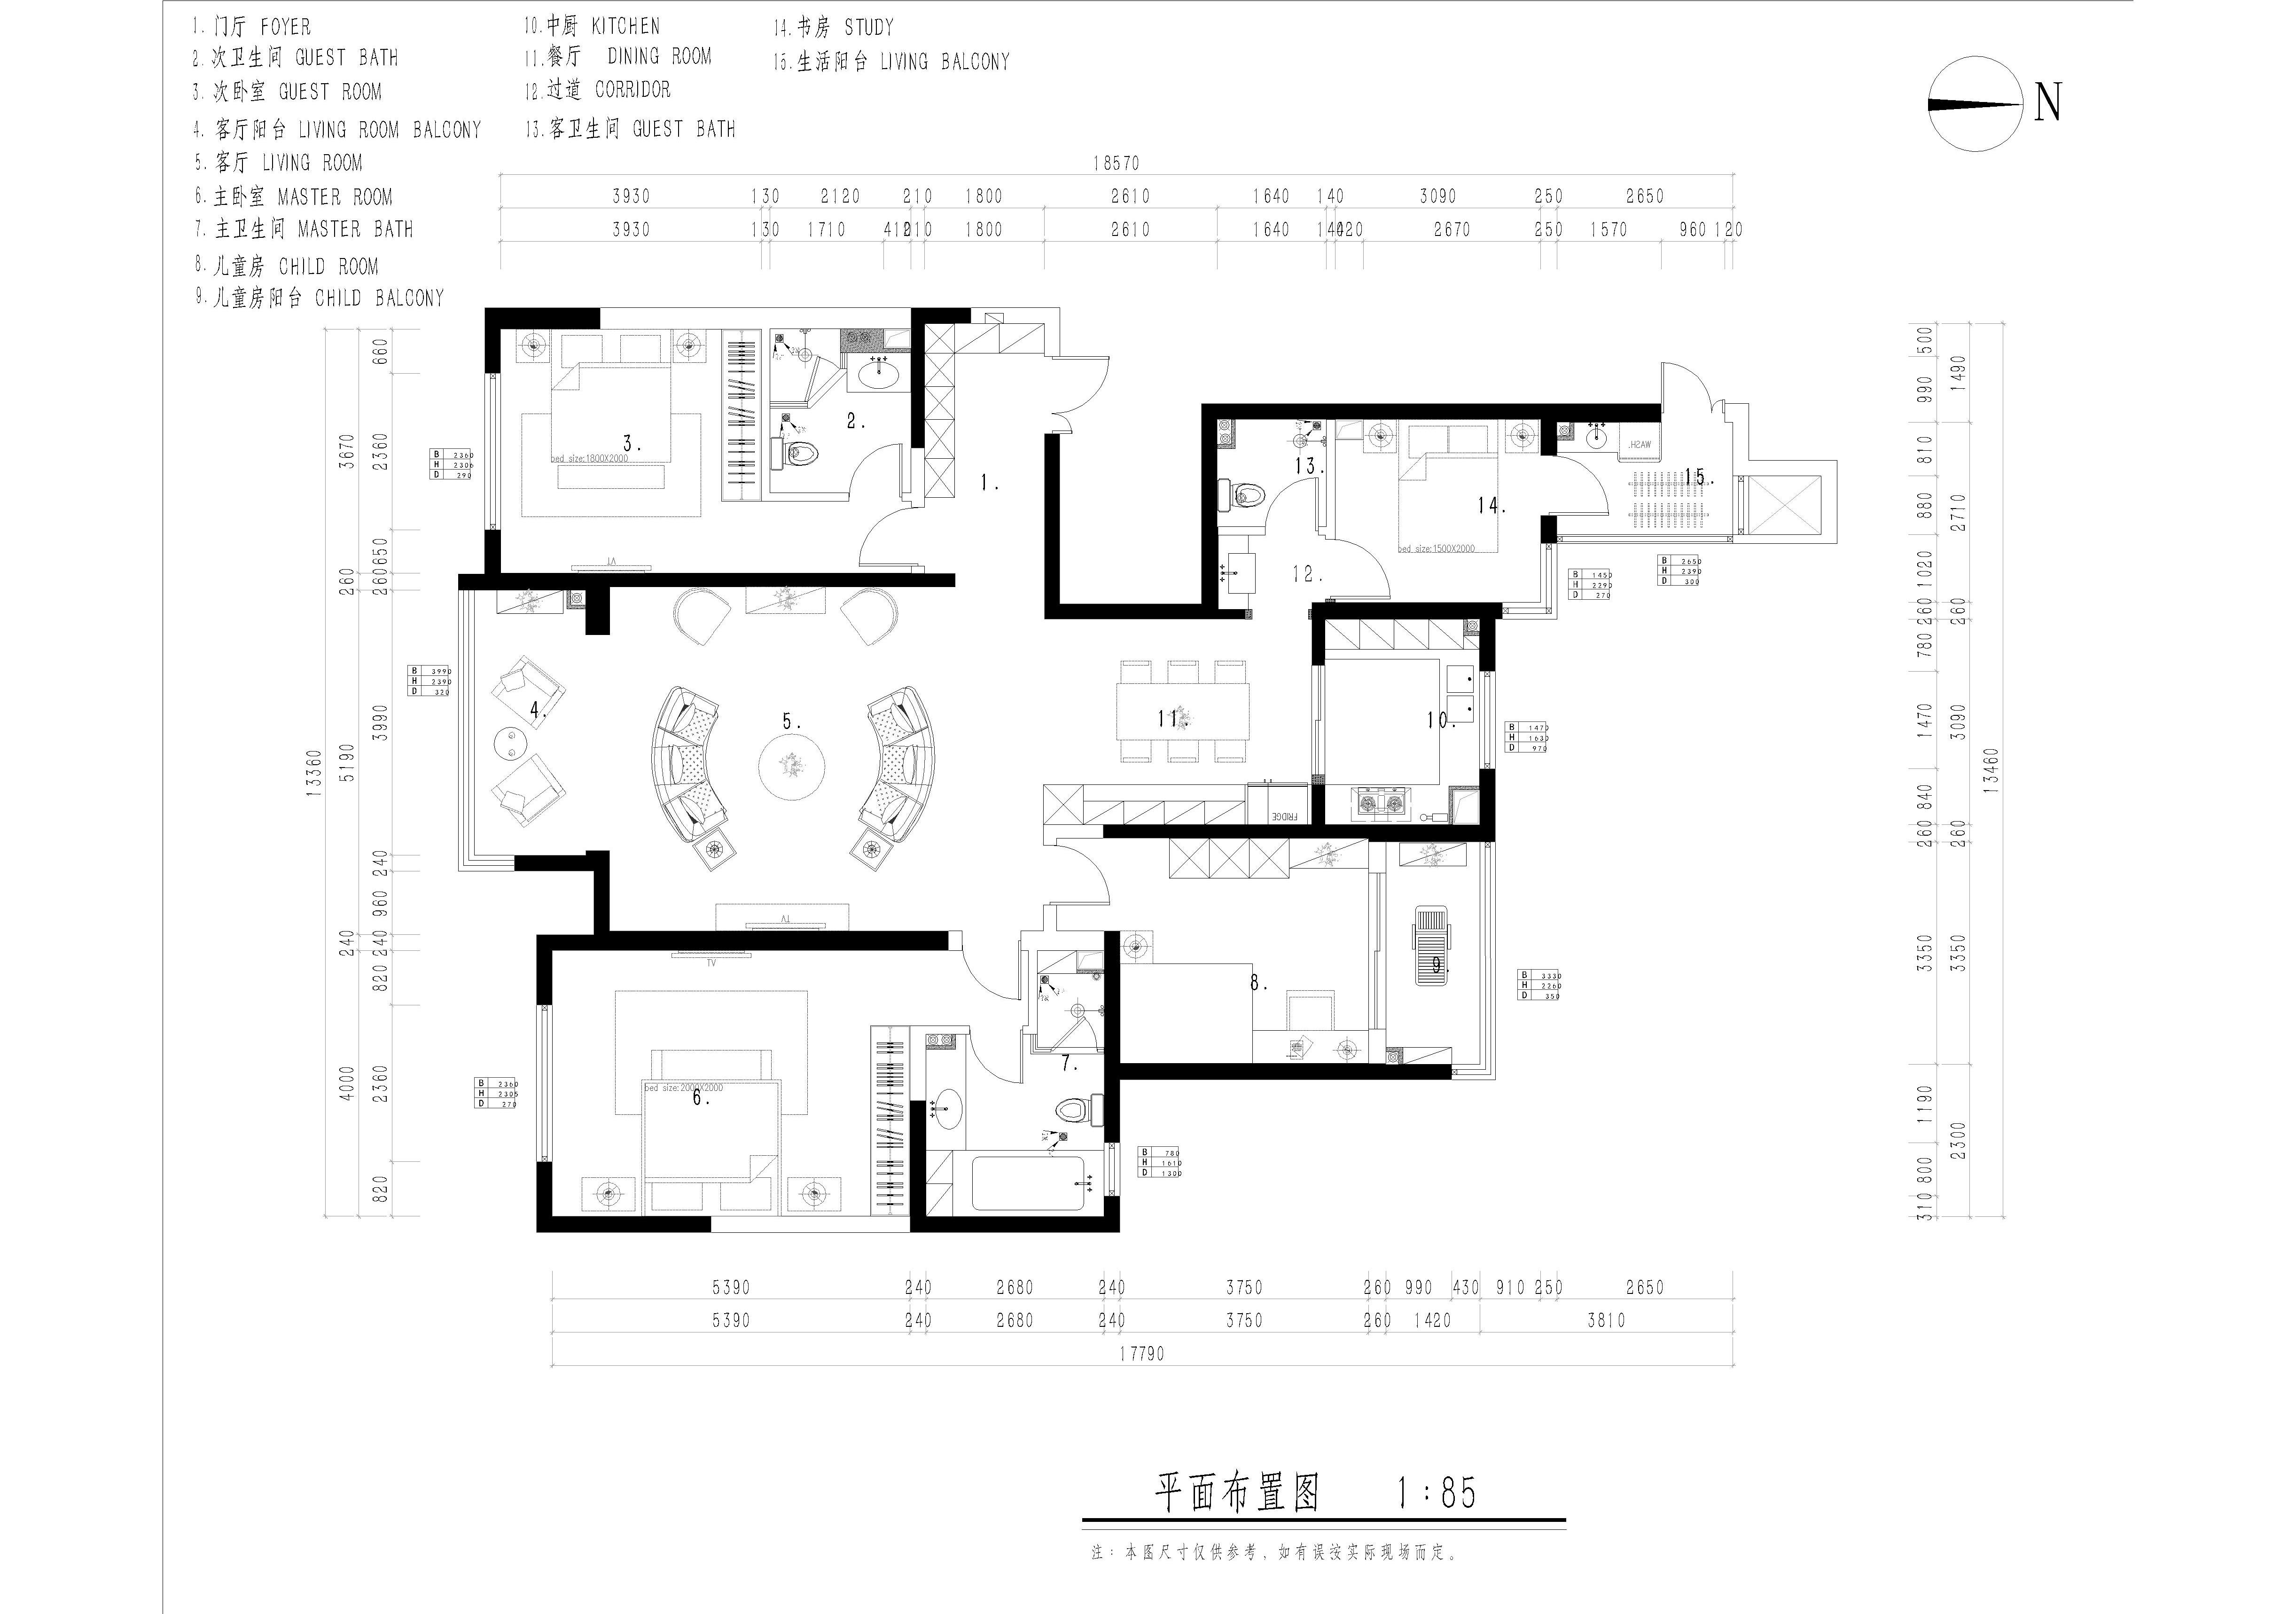 赛高悦府 现代轻奢风格装修实景案例 四室两厅 210平米装修设计理念